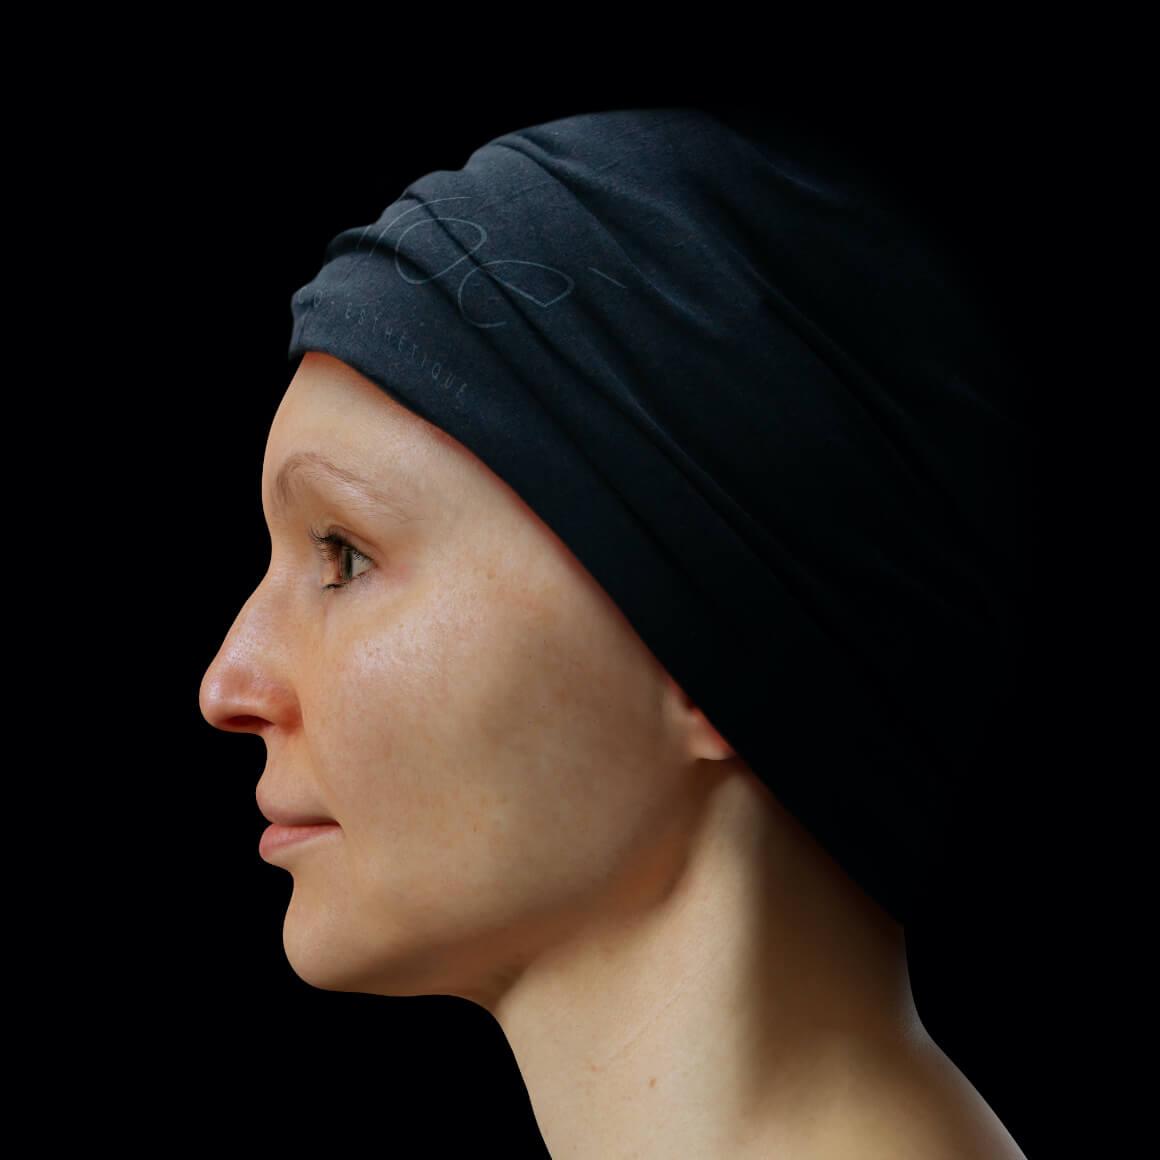 Patient de la Clinique Chloé positionnée de côté après des traitements Venus Viva contre les pores dilatés